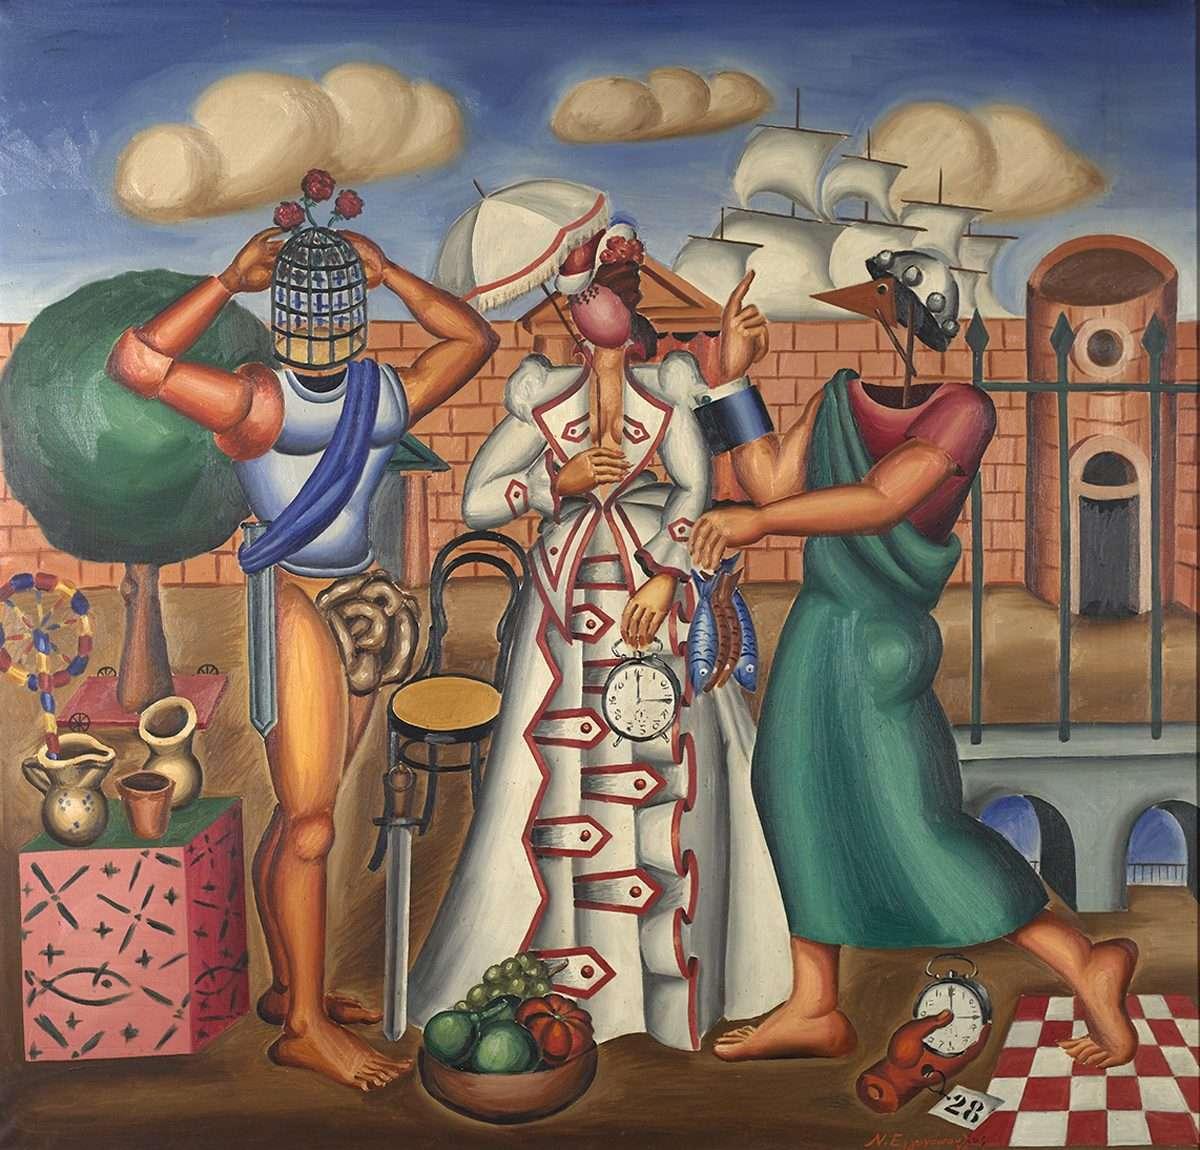 Νίκος Εγγονόπουλος. Ομηρικό με τον ήρωα, 1938, Λάδι σε καμβά, 130,5 Χ 125 εκ., Ιδιωτική συλλογή